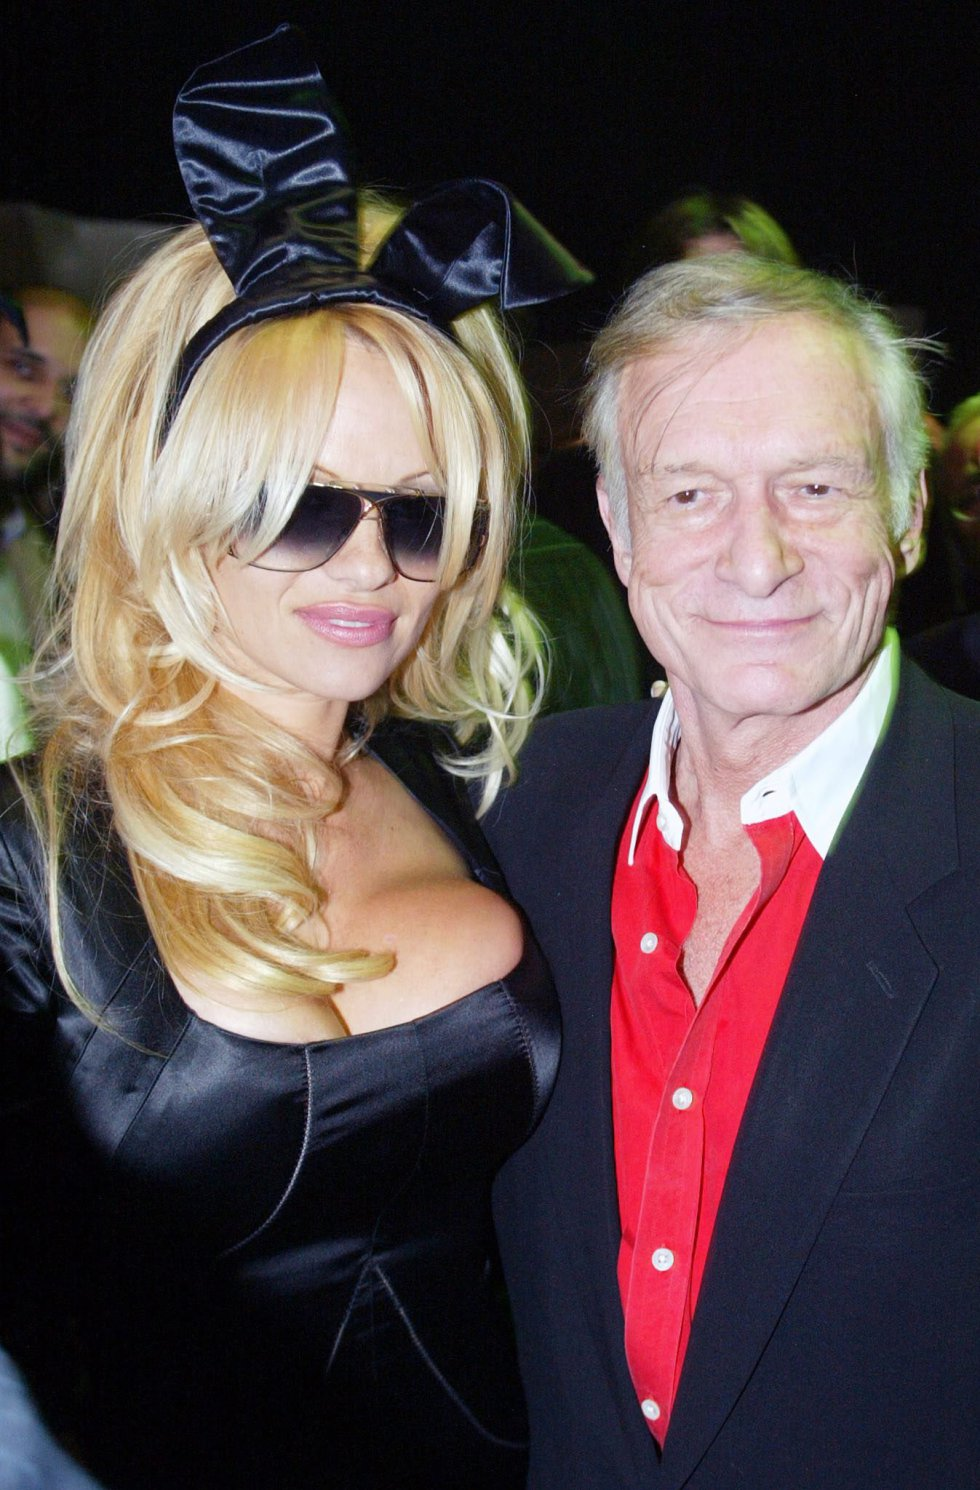 """Conocido por sus fiestas salvajes llenas de """"conejitas"""" en la Mansión Playboy y su vida estrafalaria rodeado de mujeres mucho más jóvenes que él, Hefner se casó tres veces y tuvo cuatro hijos."""